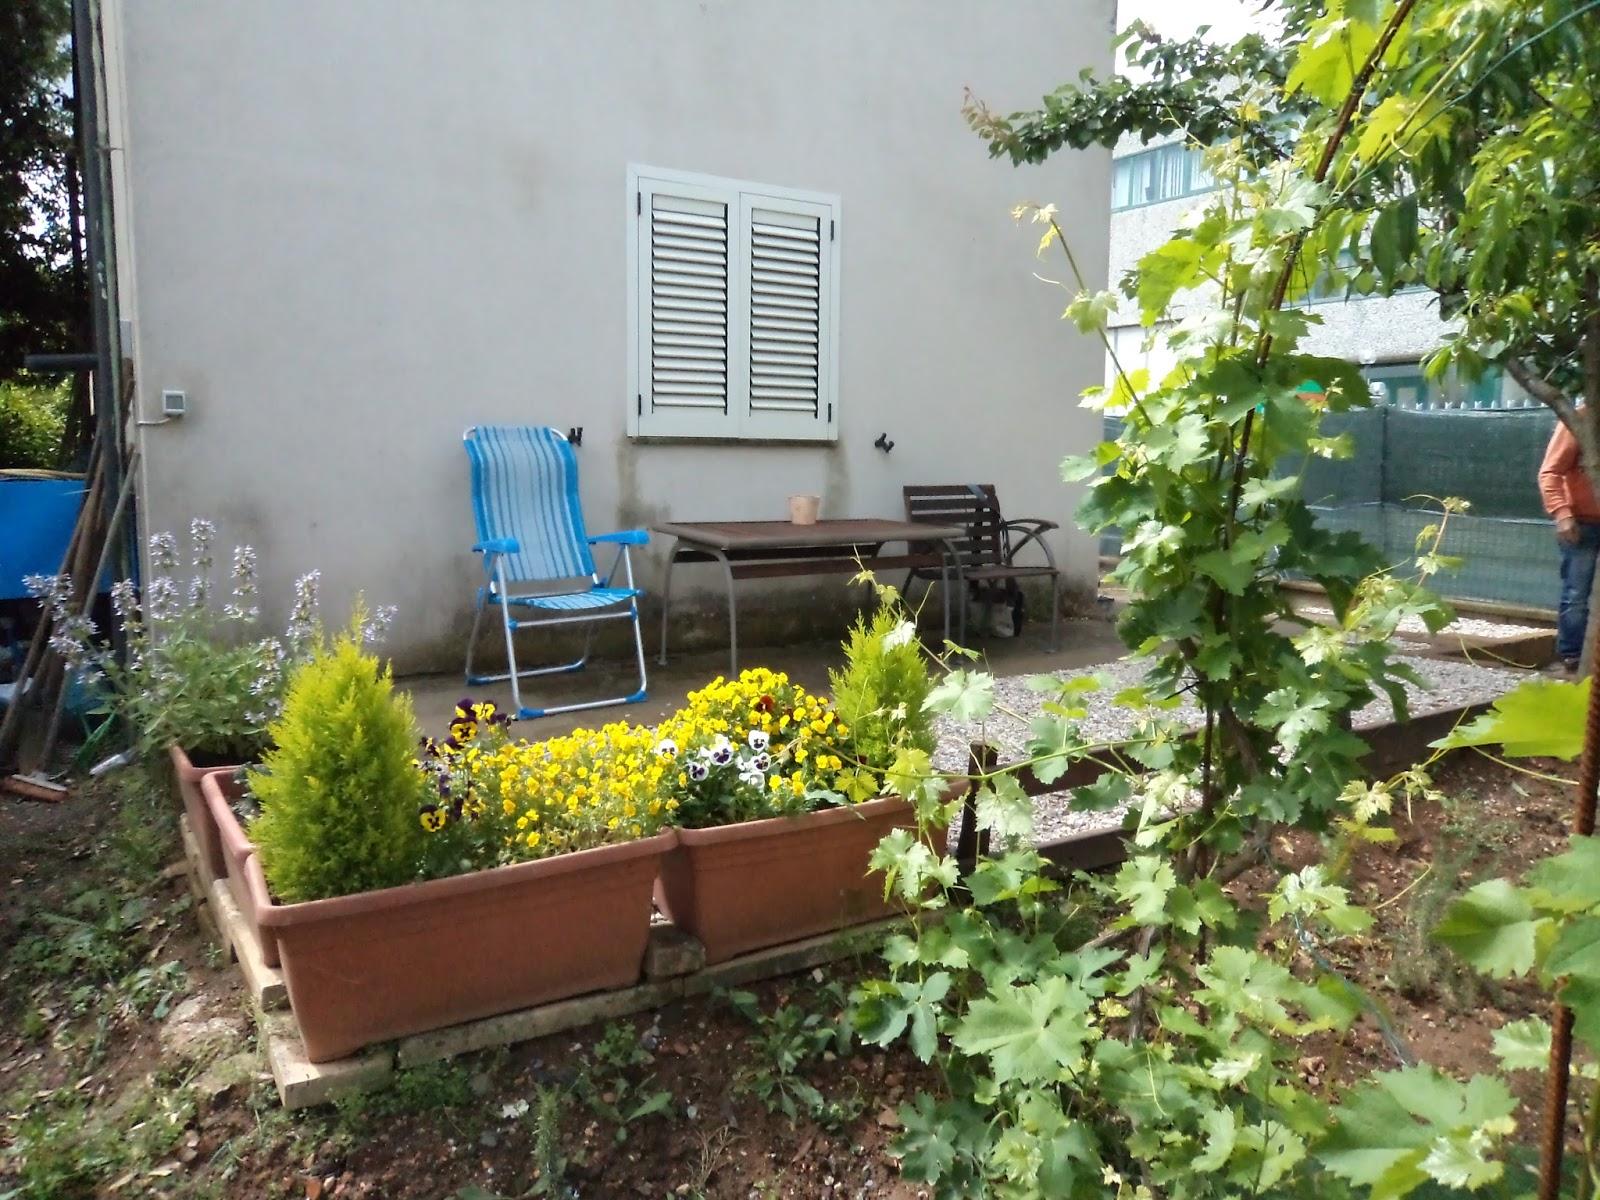 I giardini di carlo e letizia 2015 for Orto giardino